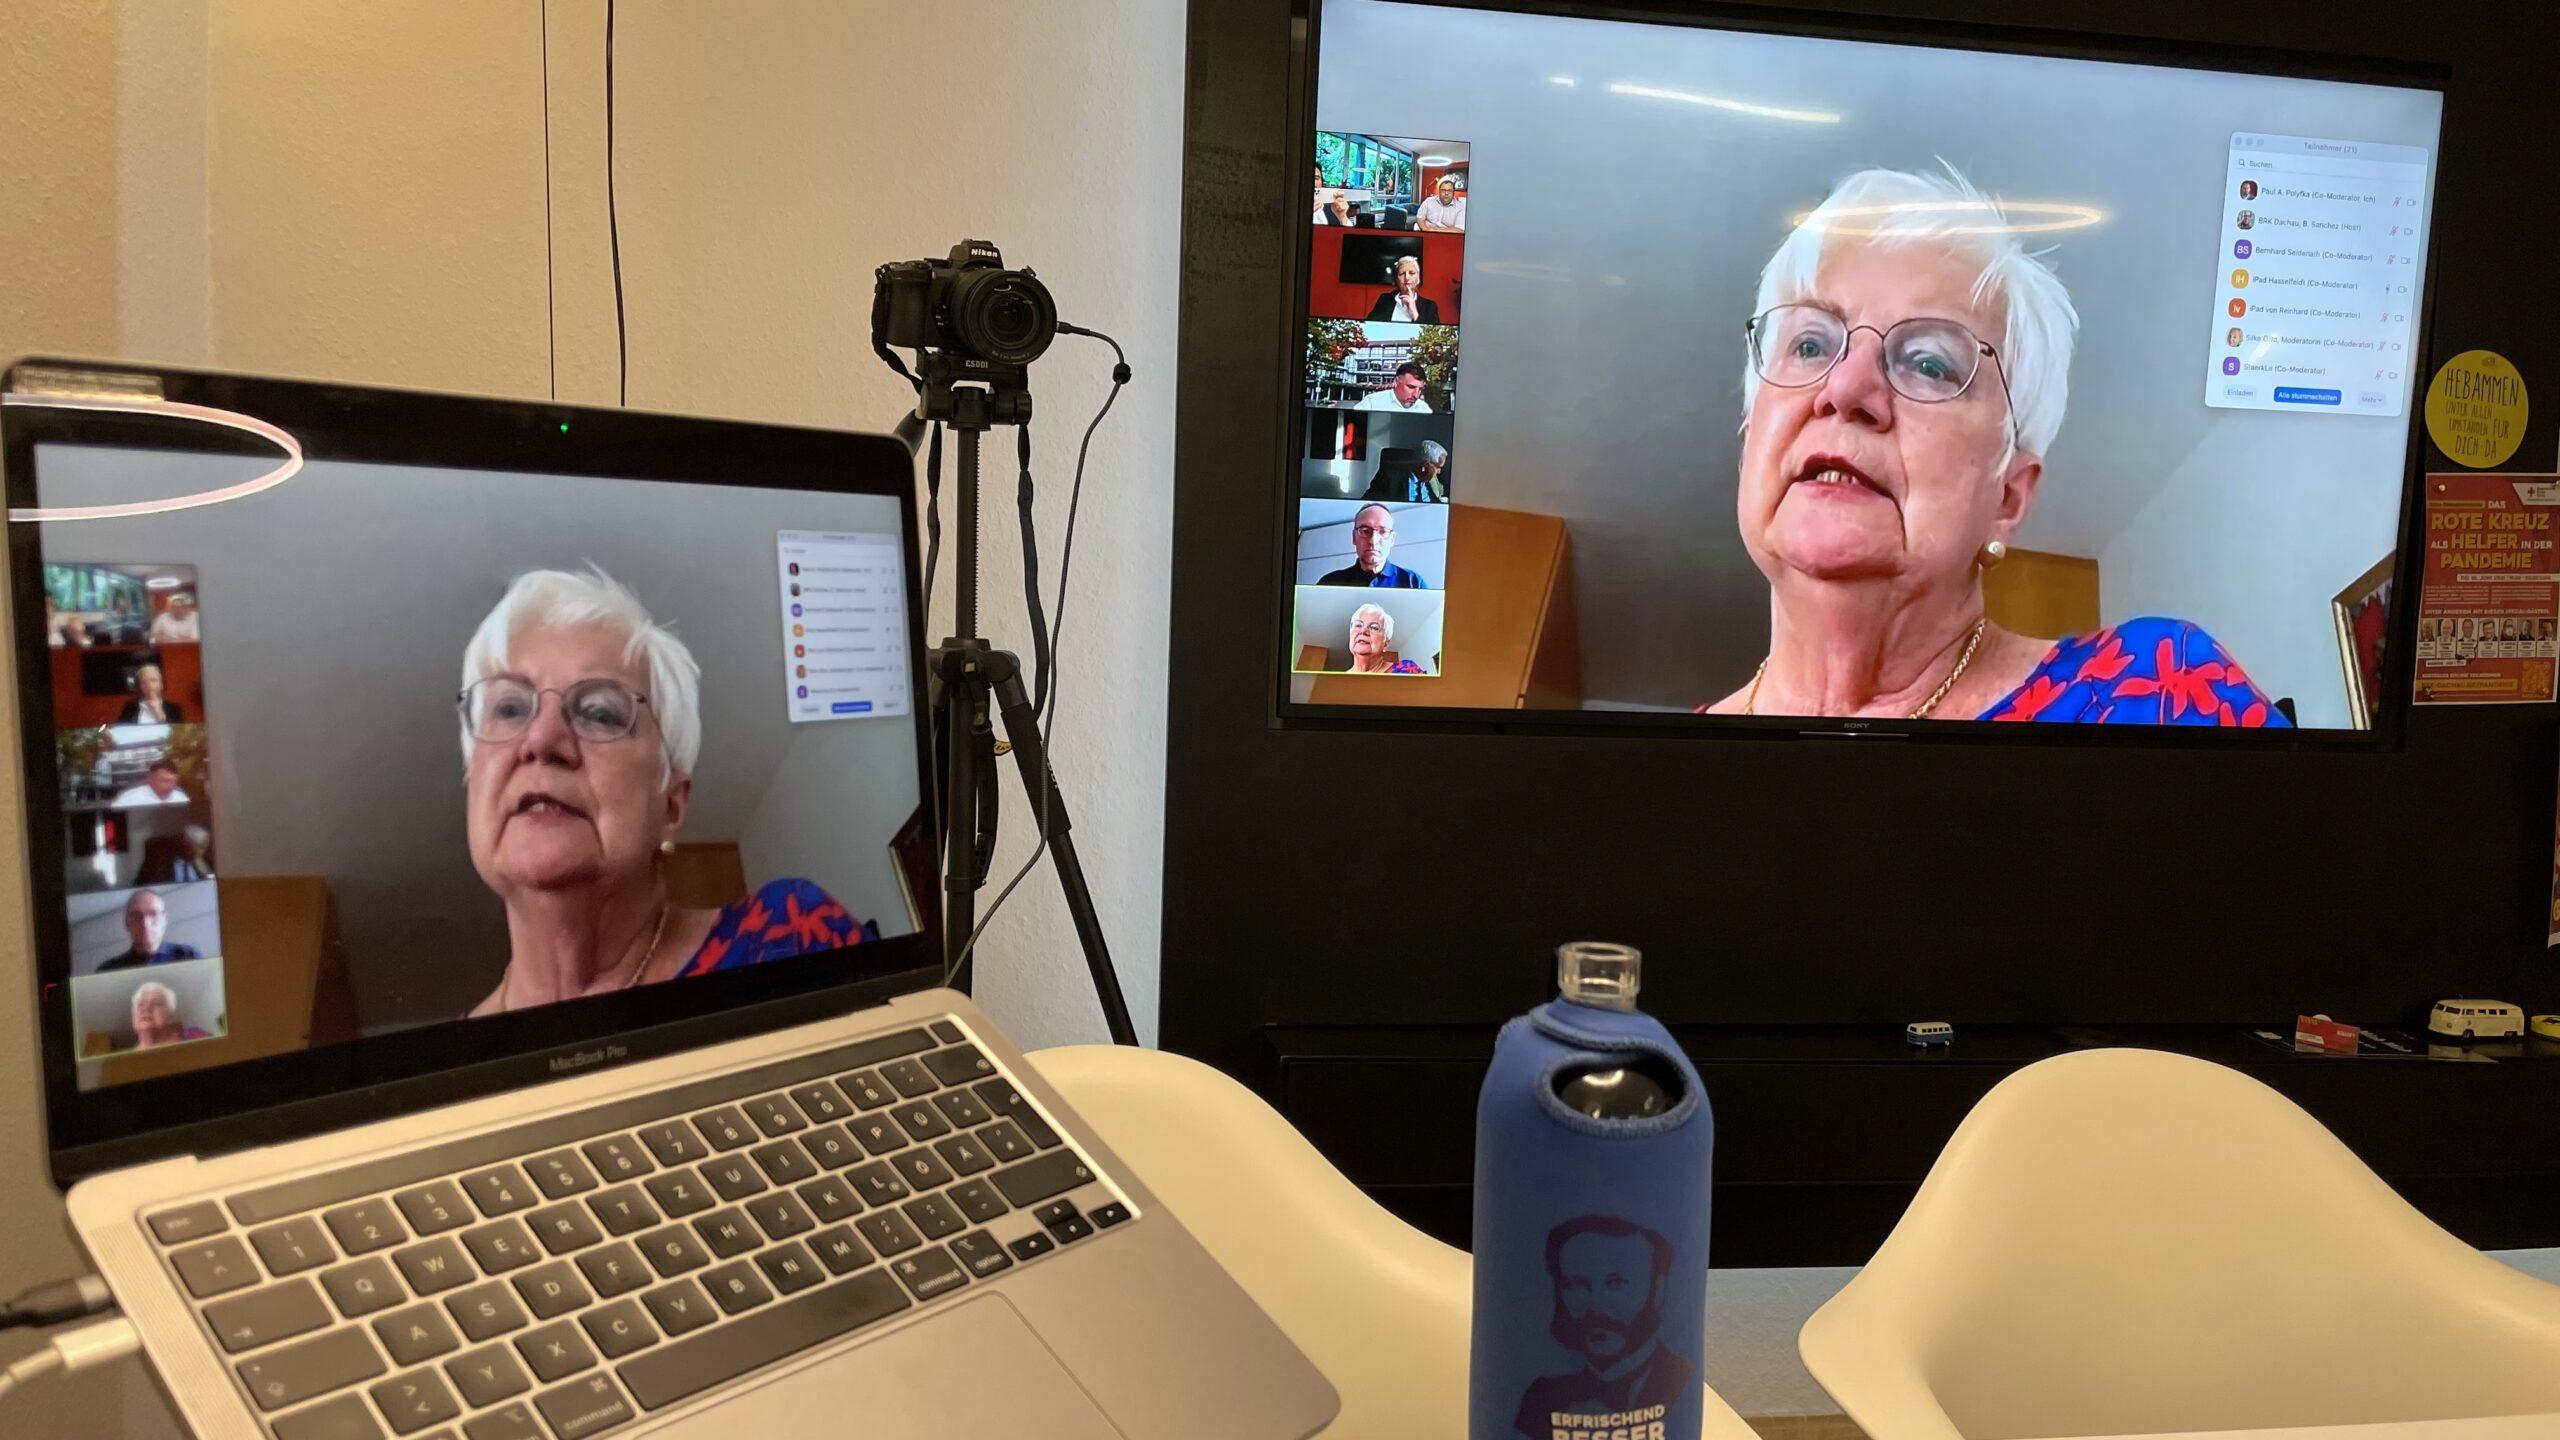 Online-Disskusionsrunde, im Bild: Gerda Hasselfeldt